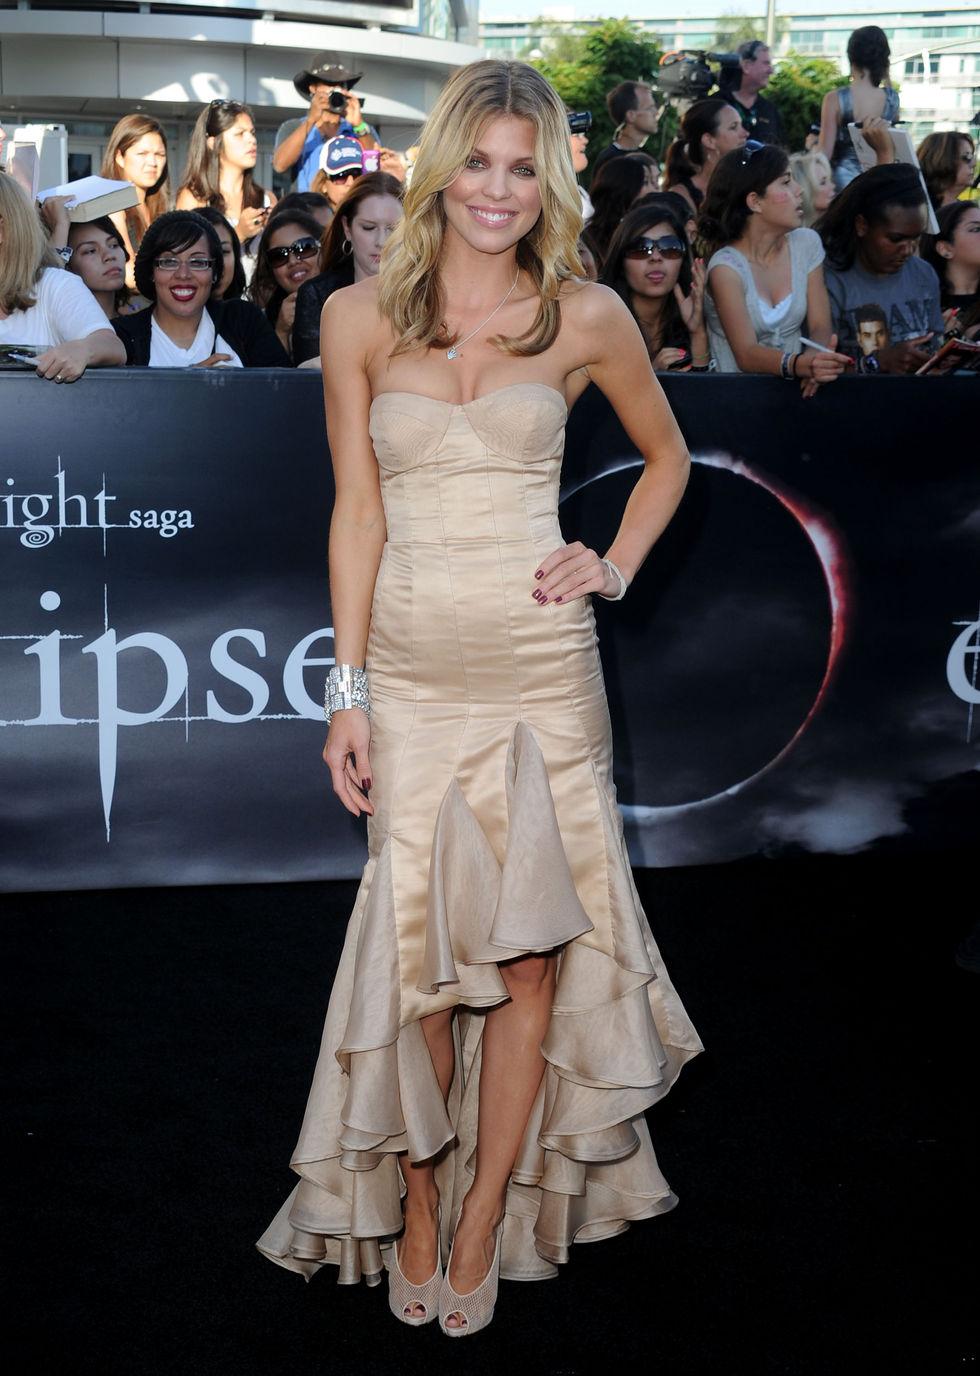 AnnaLynne McCord 2010 : annalynne-mccord-twilight-saga-eclipse-premiere-nokia-theater-in-la-11